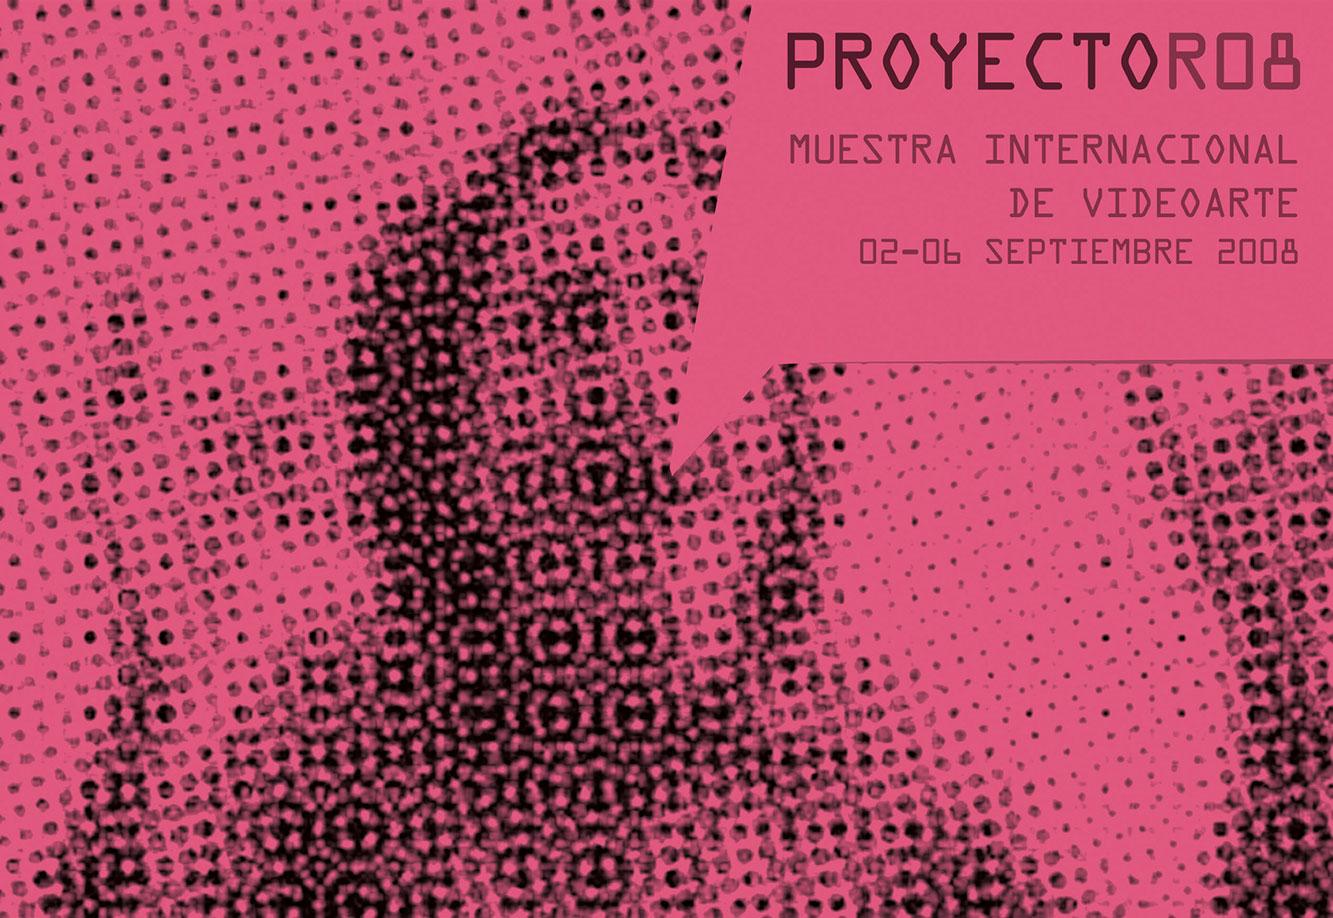 Catálogo-Proyector-10-años_Página_015